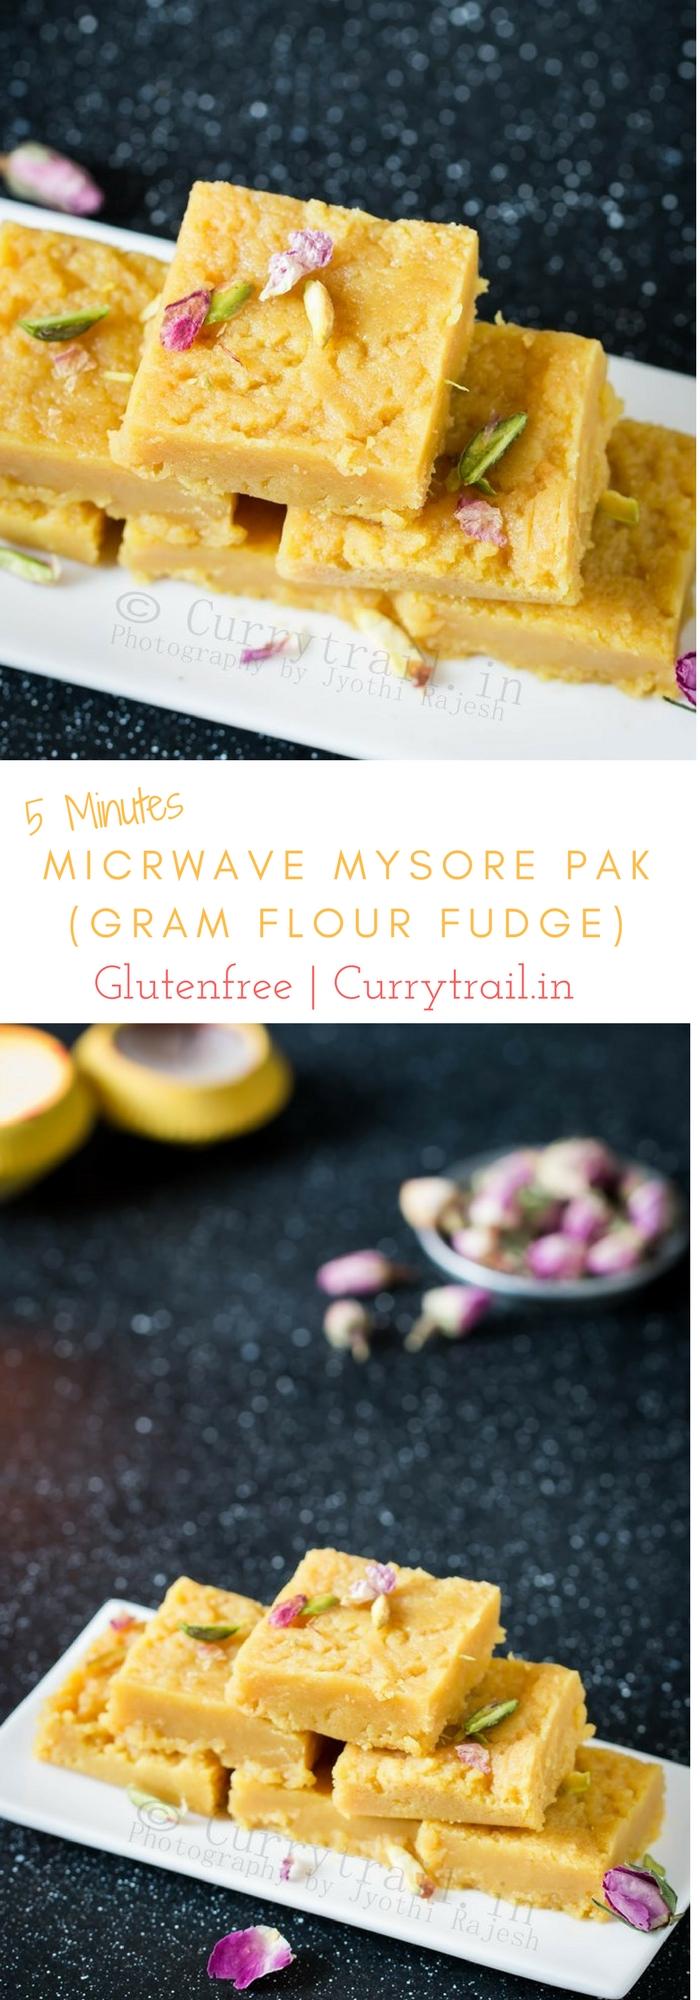 Microwave Mysore Pak